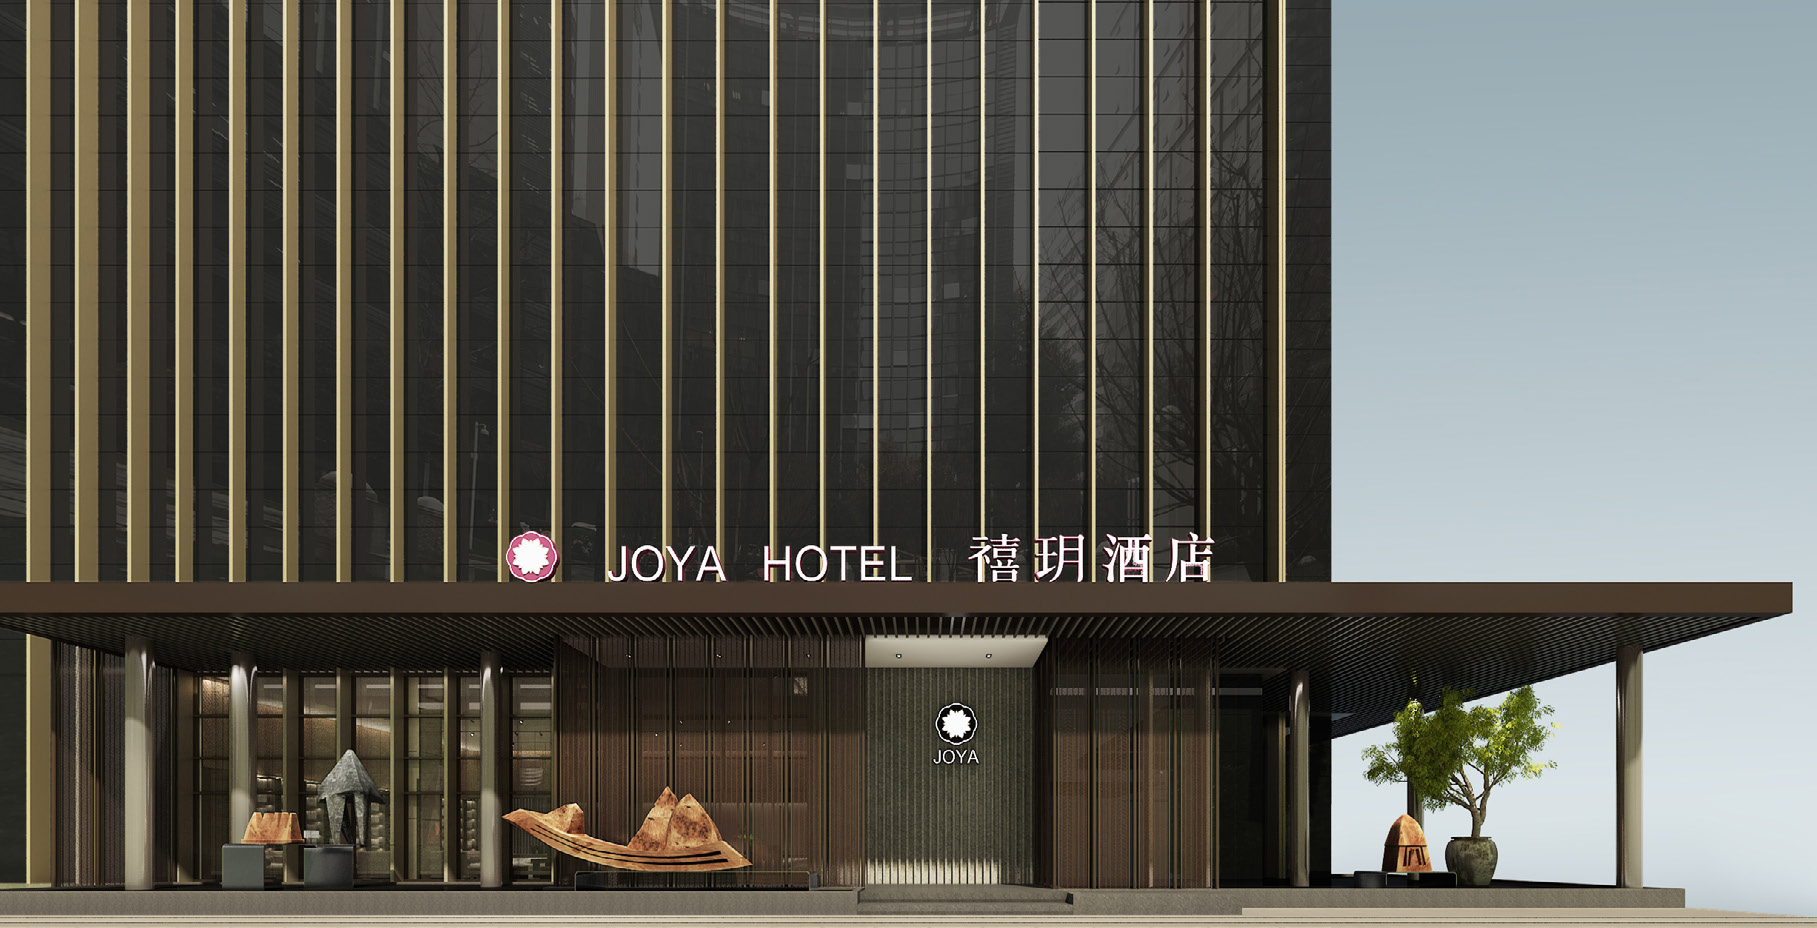 [成都]朱周空間-高新禧玥JOYA酒店設計方案+效果圖+超清攝影